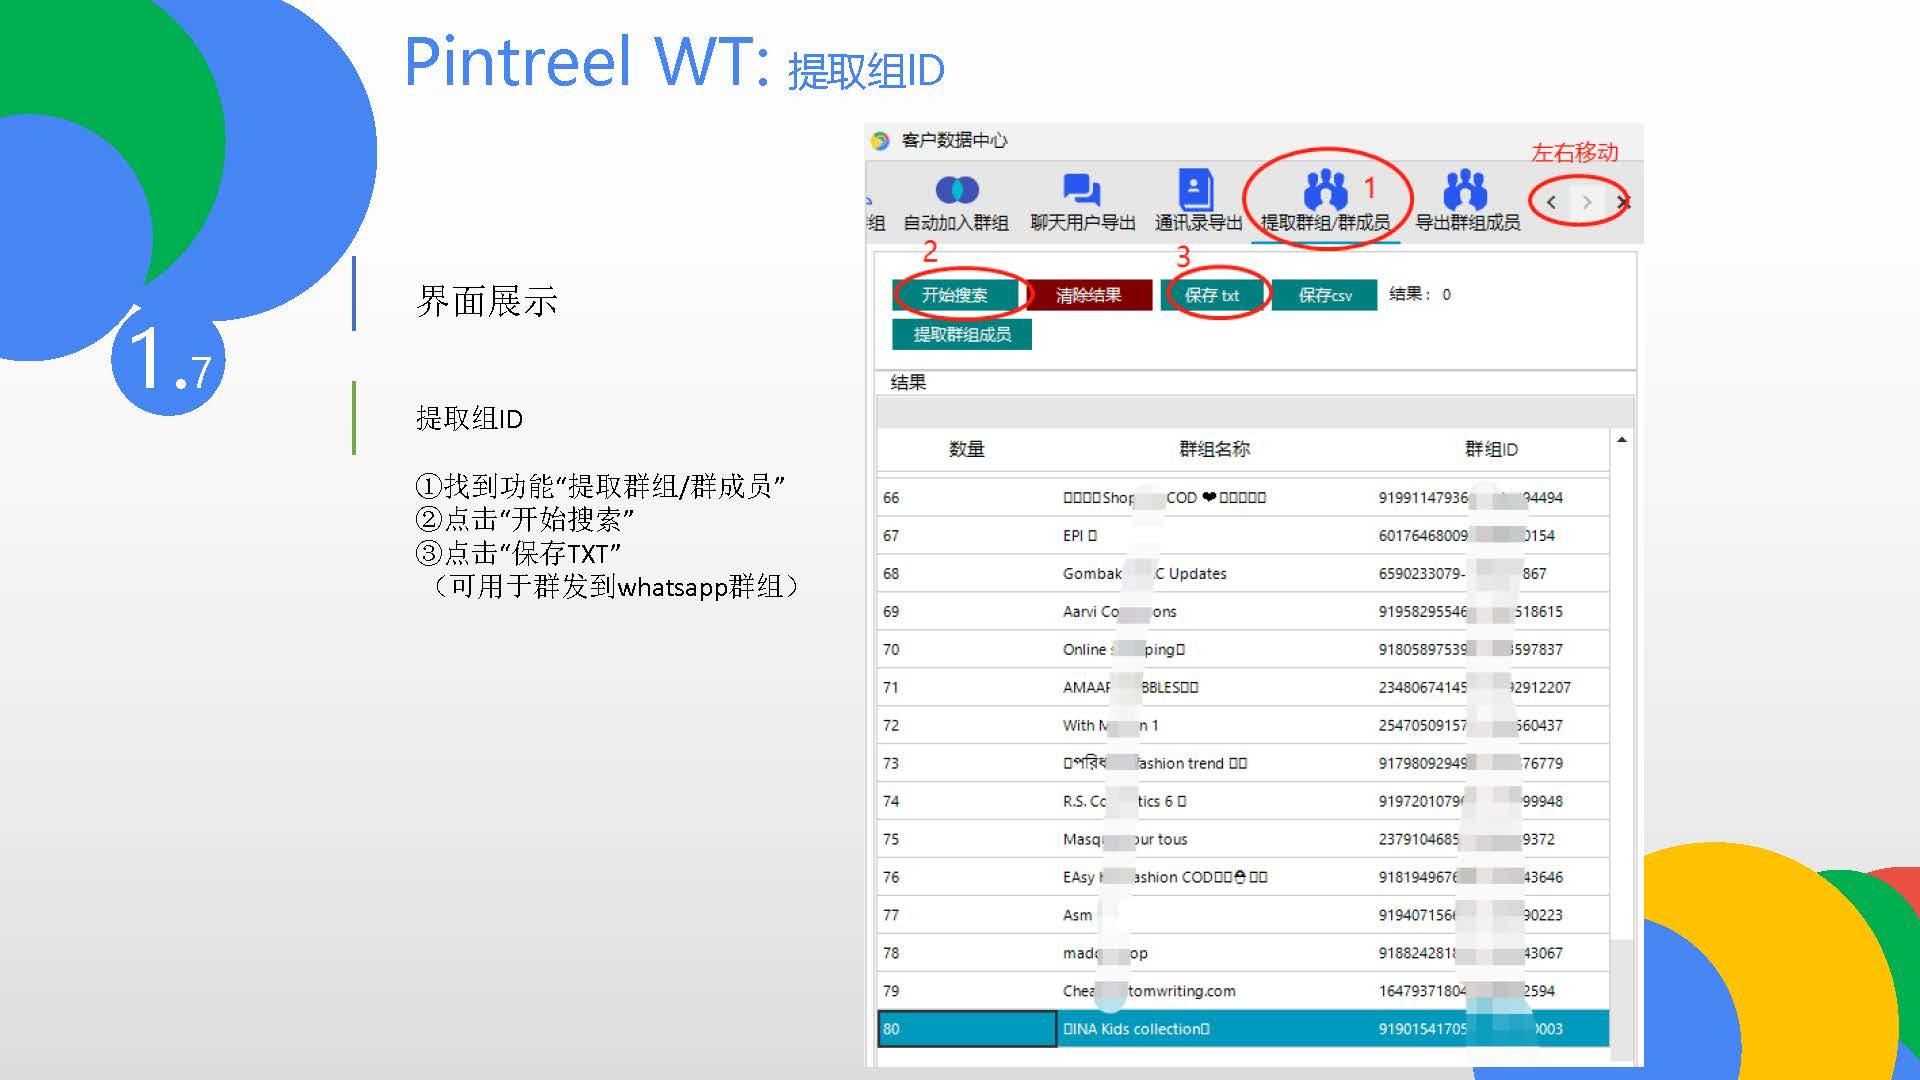 Pintreel WT 使用教程4.0_页面_09